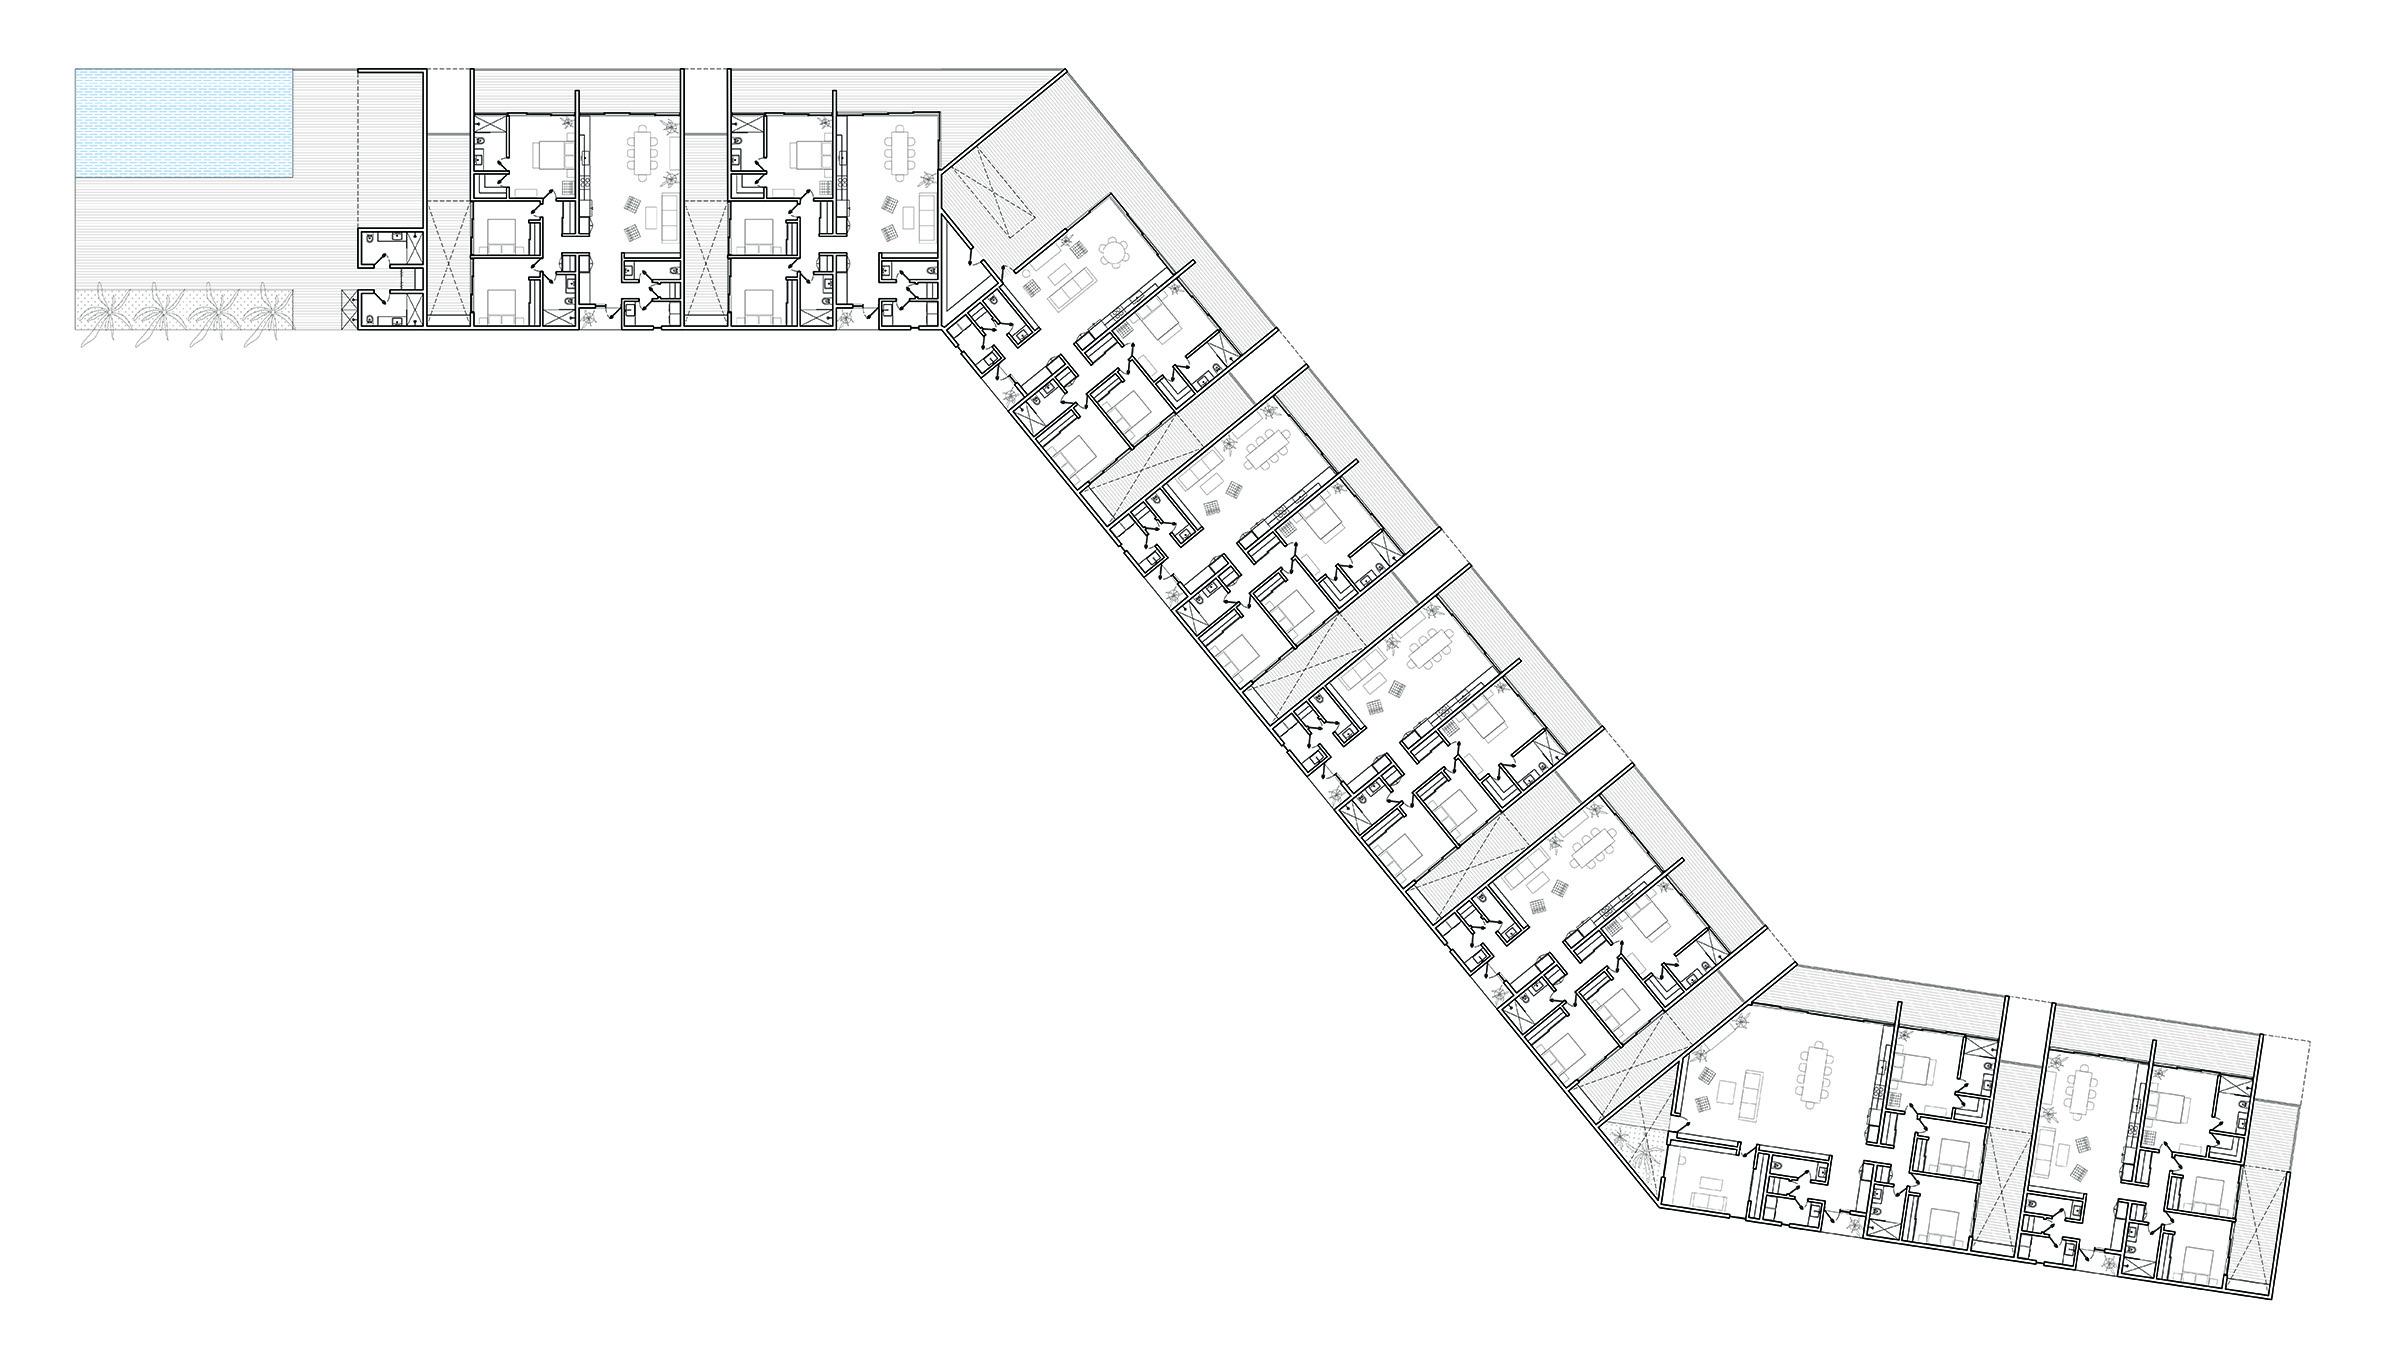 MTAD_MANSION HALL PLAN 01.jpg